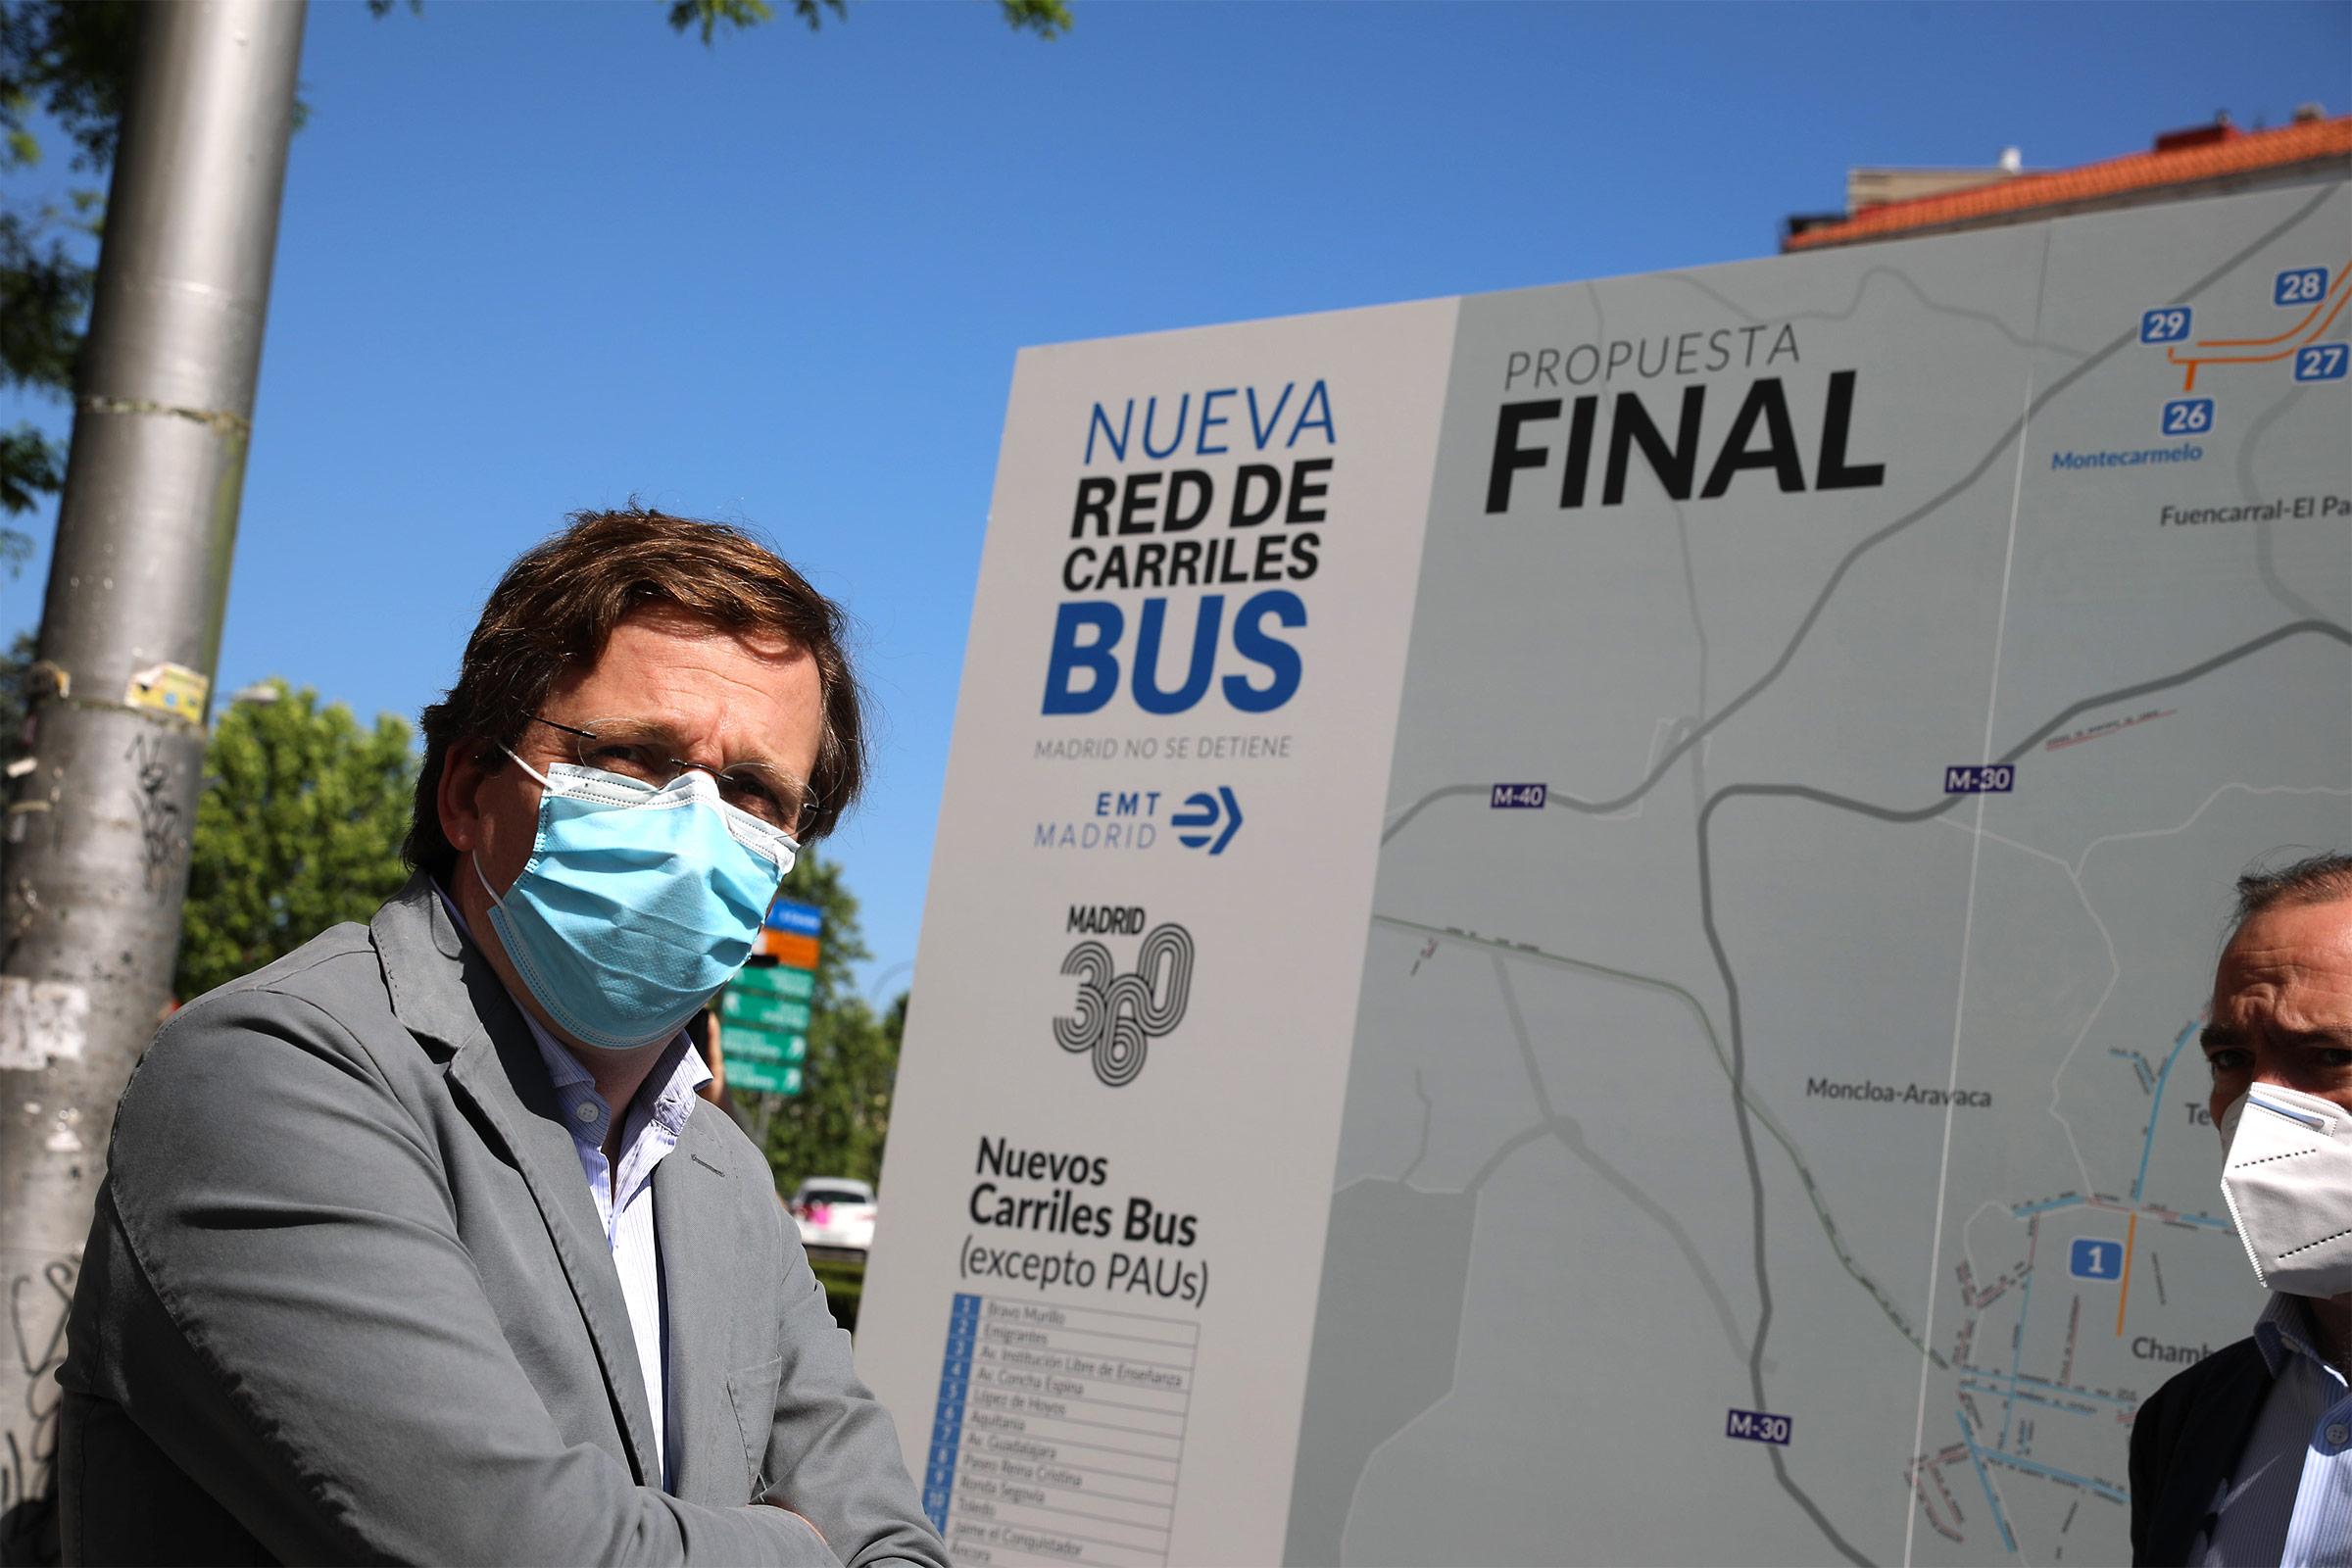 Martínez Almeida destaca que el transporte público es seguro y que con las medidas de precaución establecidas no supone un riesgo mayor que cualquier otra actividad